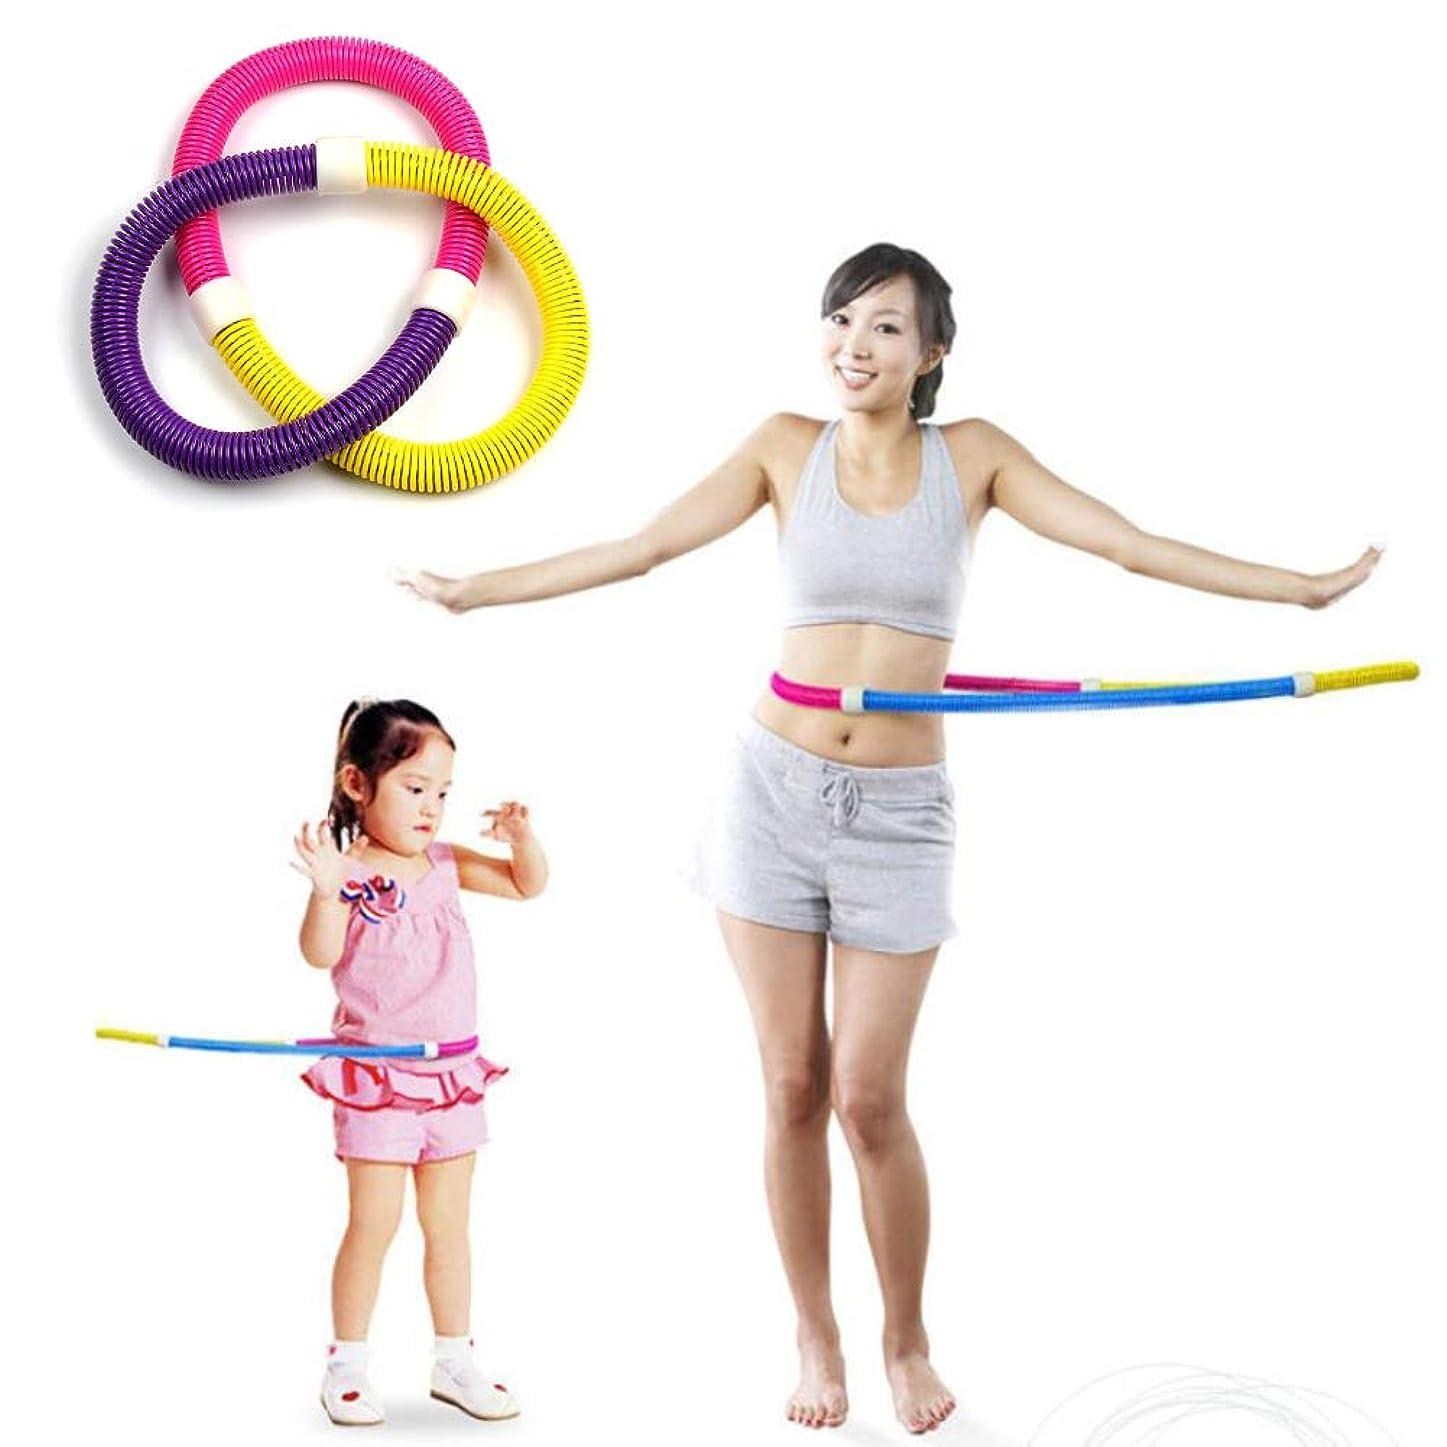 変換するファーム六フラフープ 春の体重増加スポーツ大人の子供のスポーツフィットネス減量に適した携帯用環境保護ポリ塩化ビニール